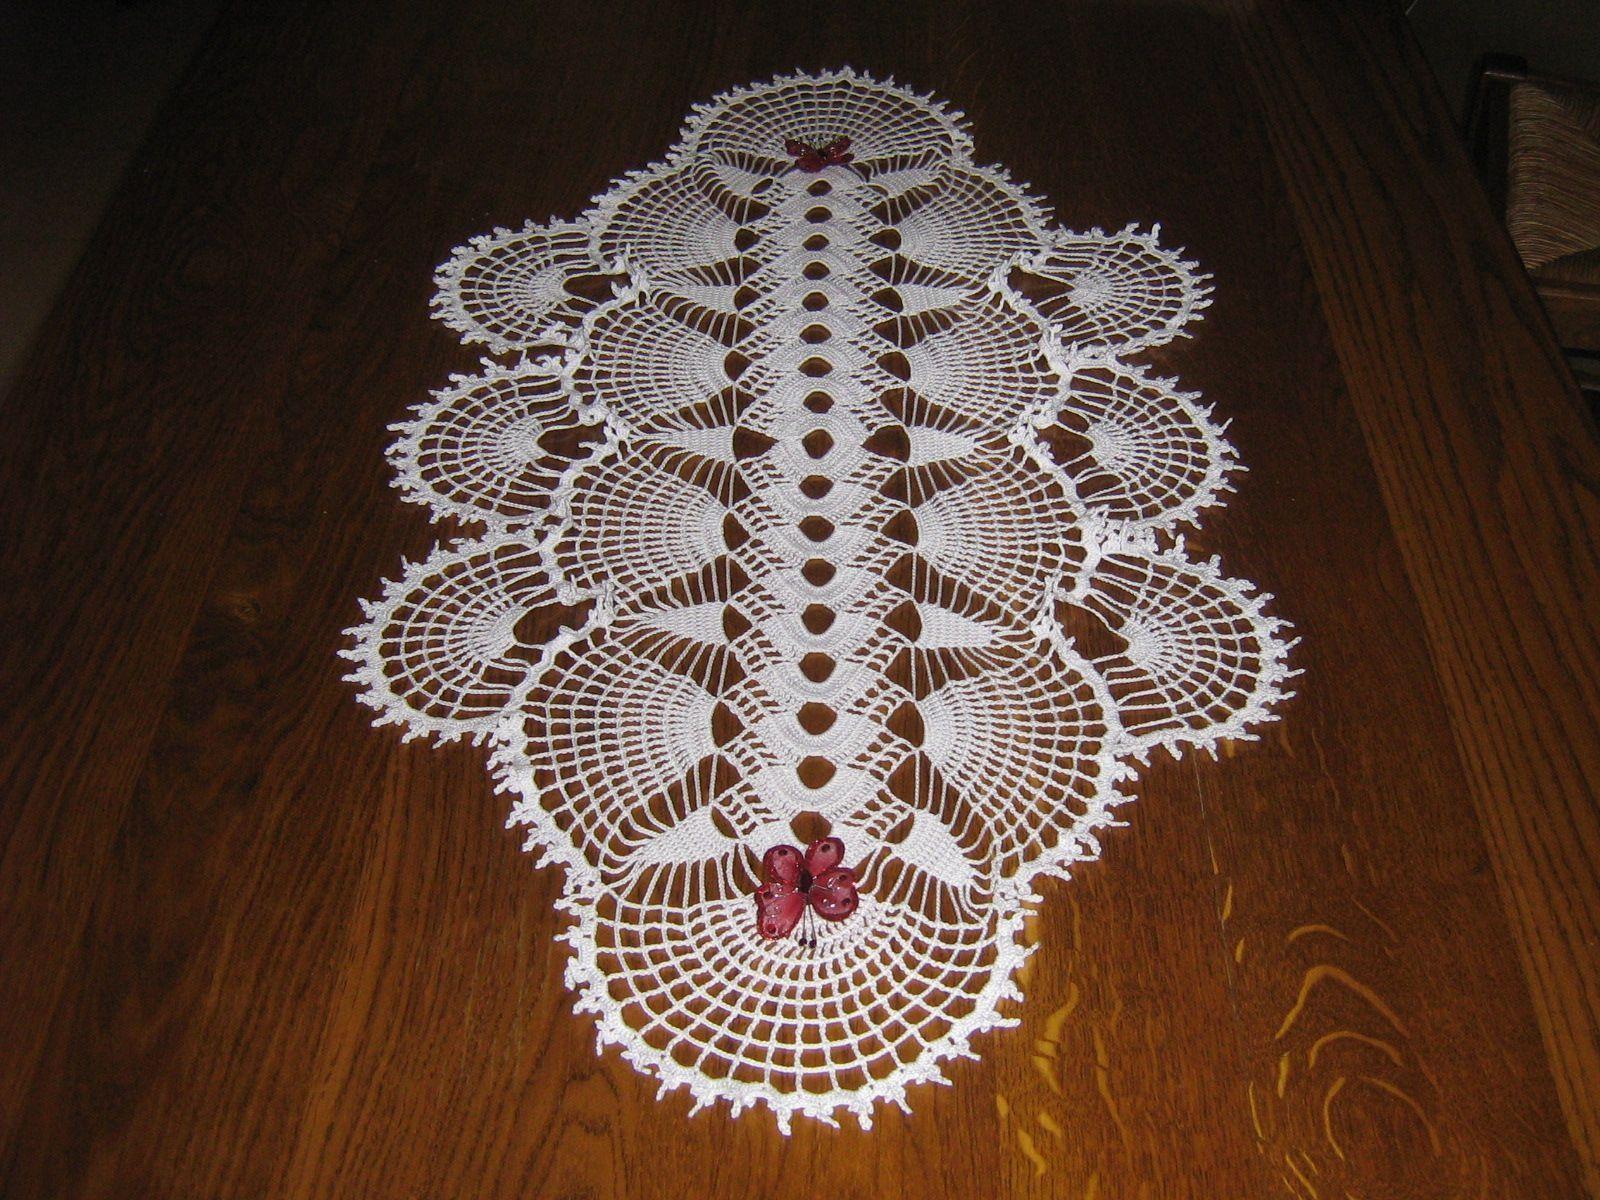 Napperon crochet gratuit - Napperon crochet grille gratuite ...